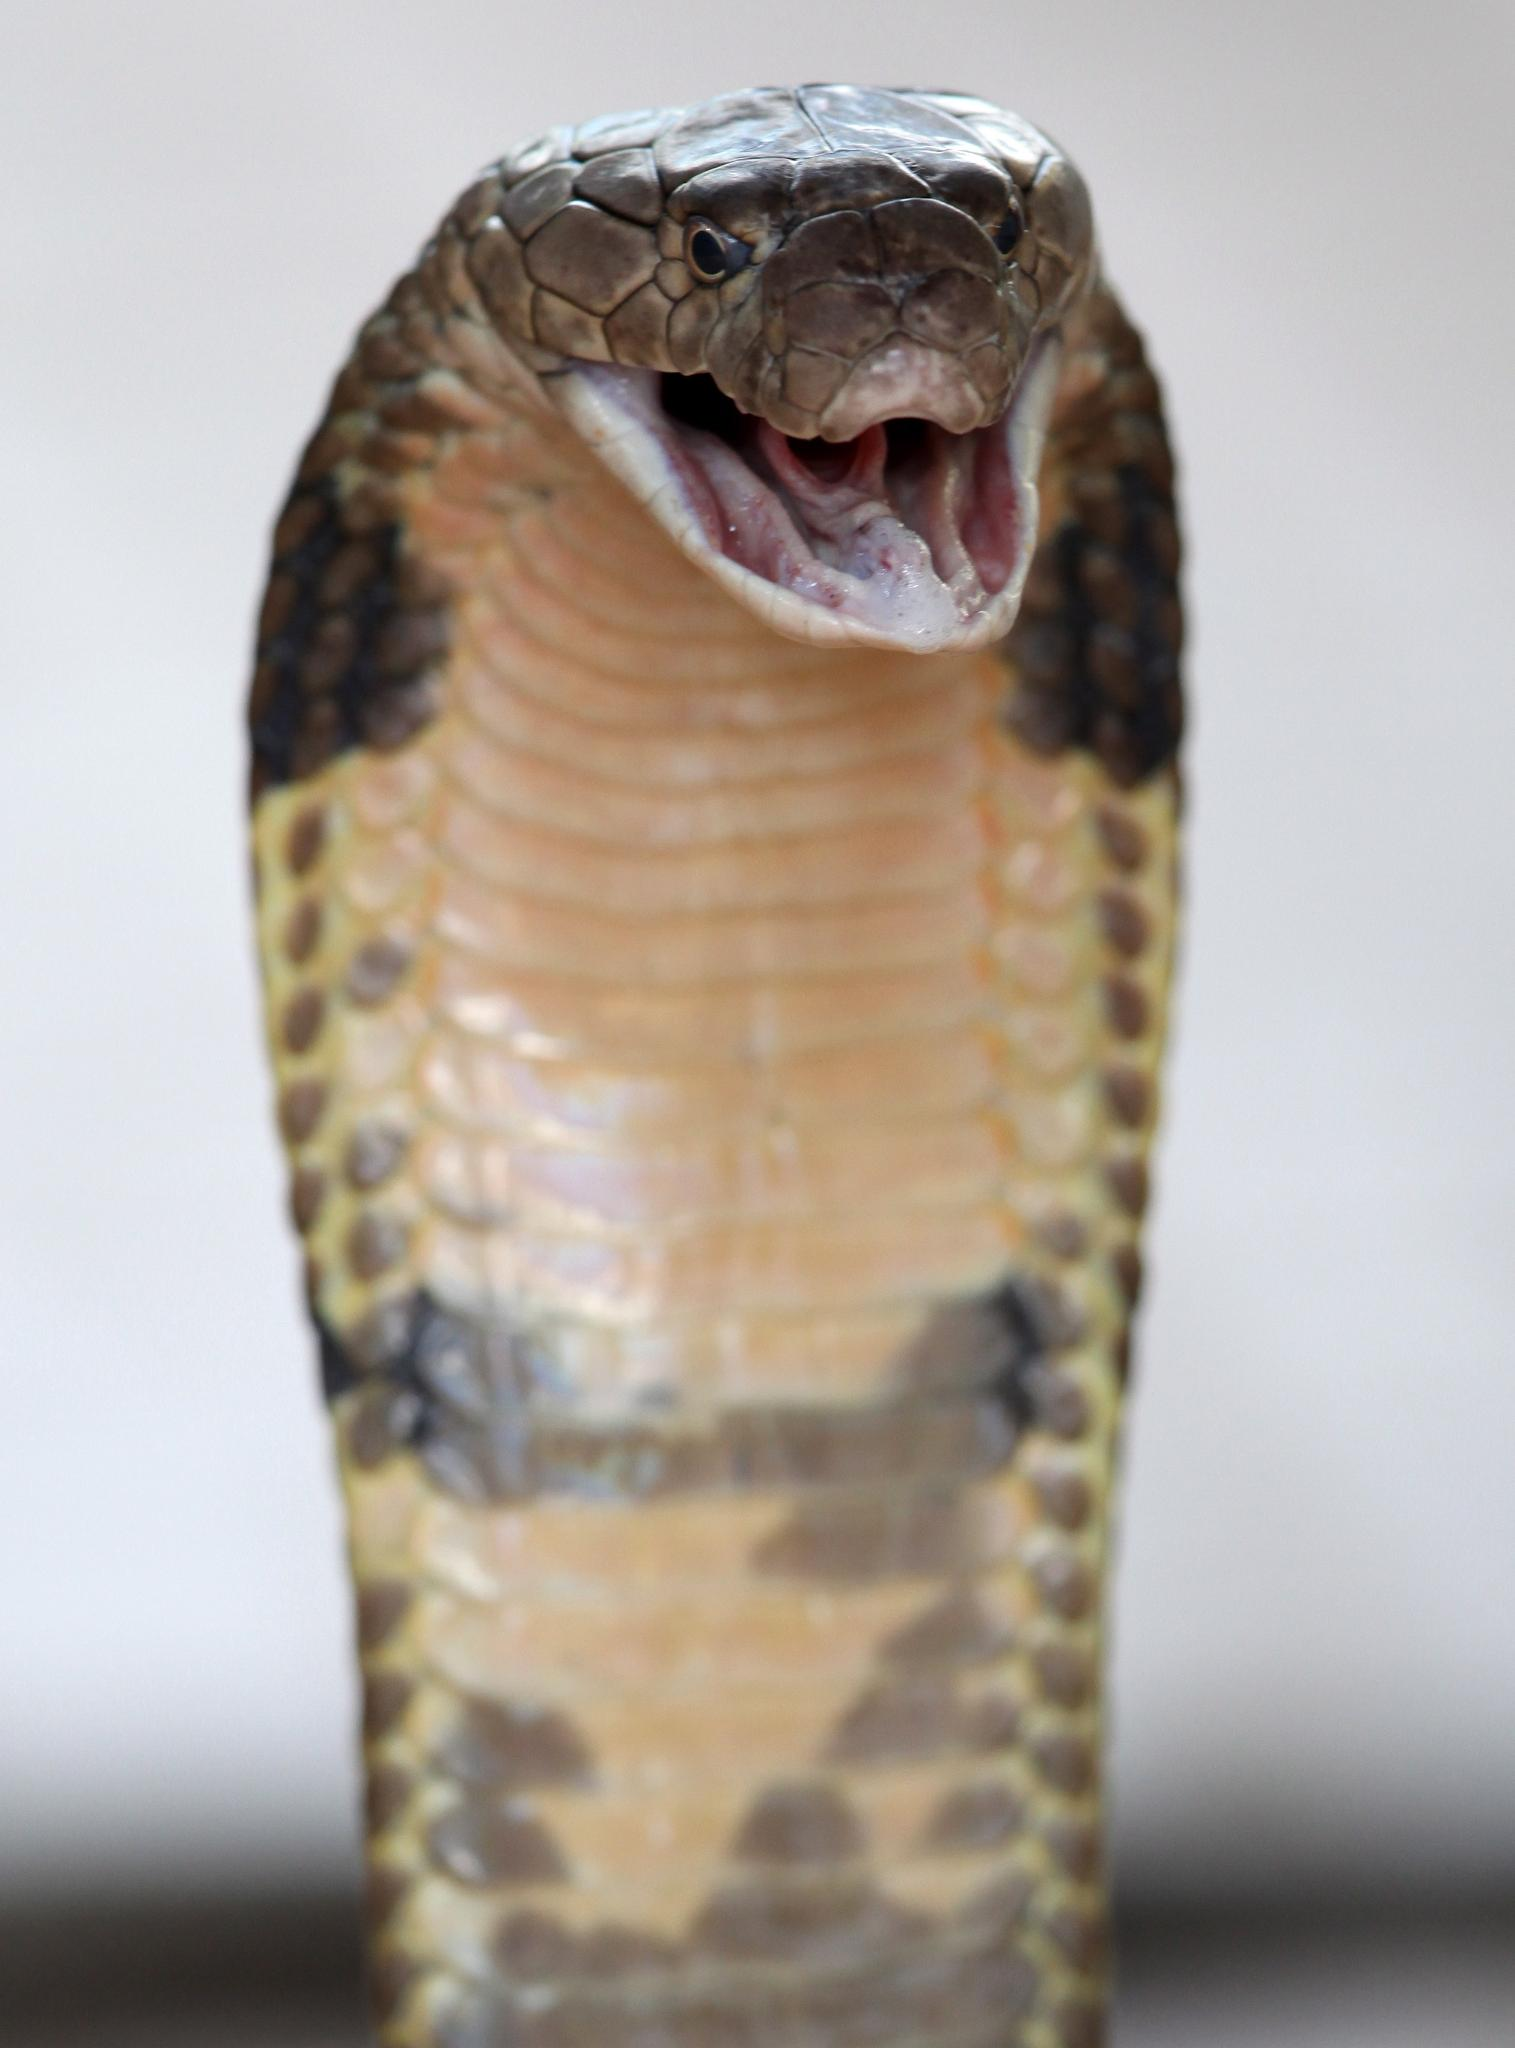 Индийци пуснаха 40 змии в данъчното в знак на протест